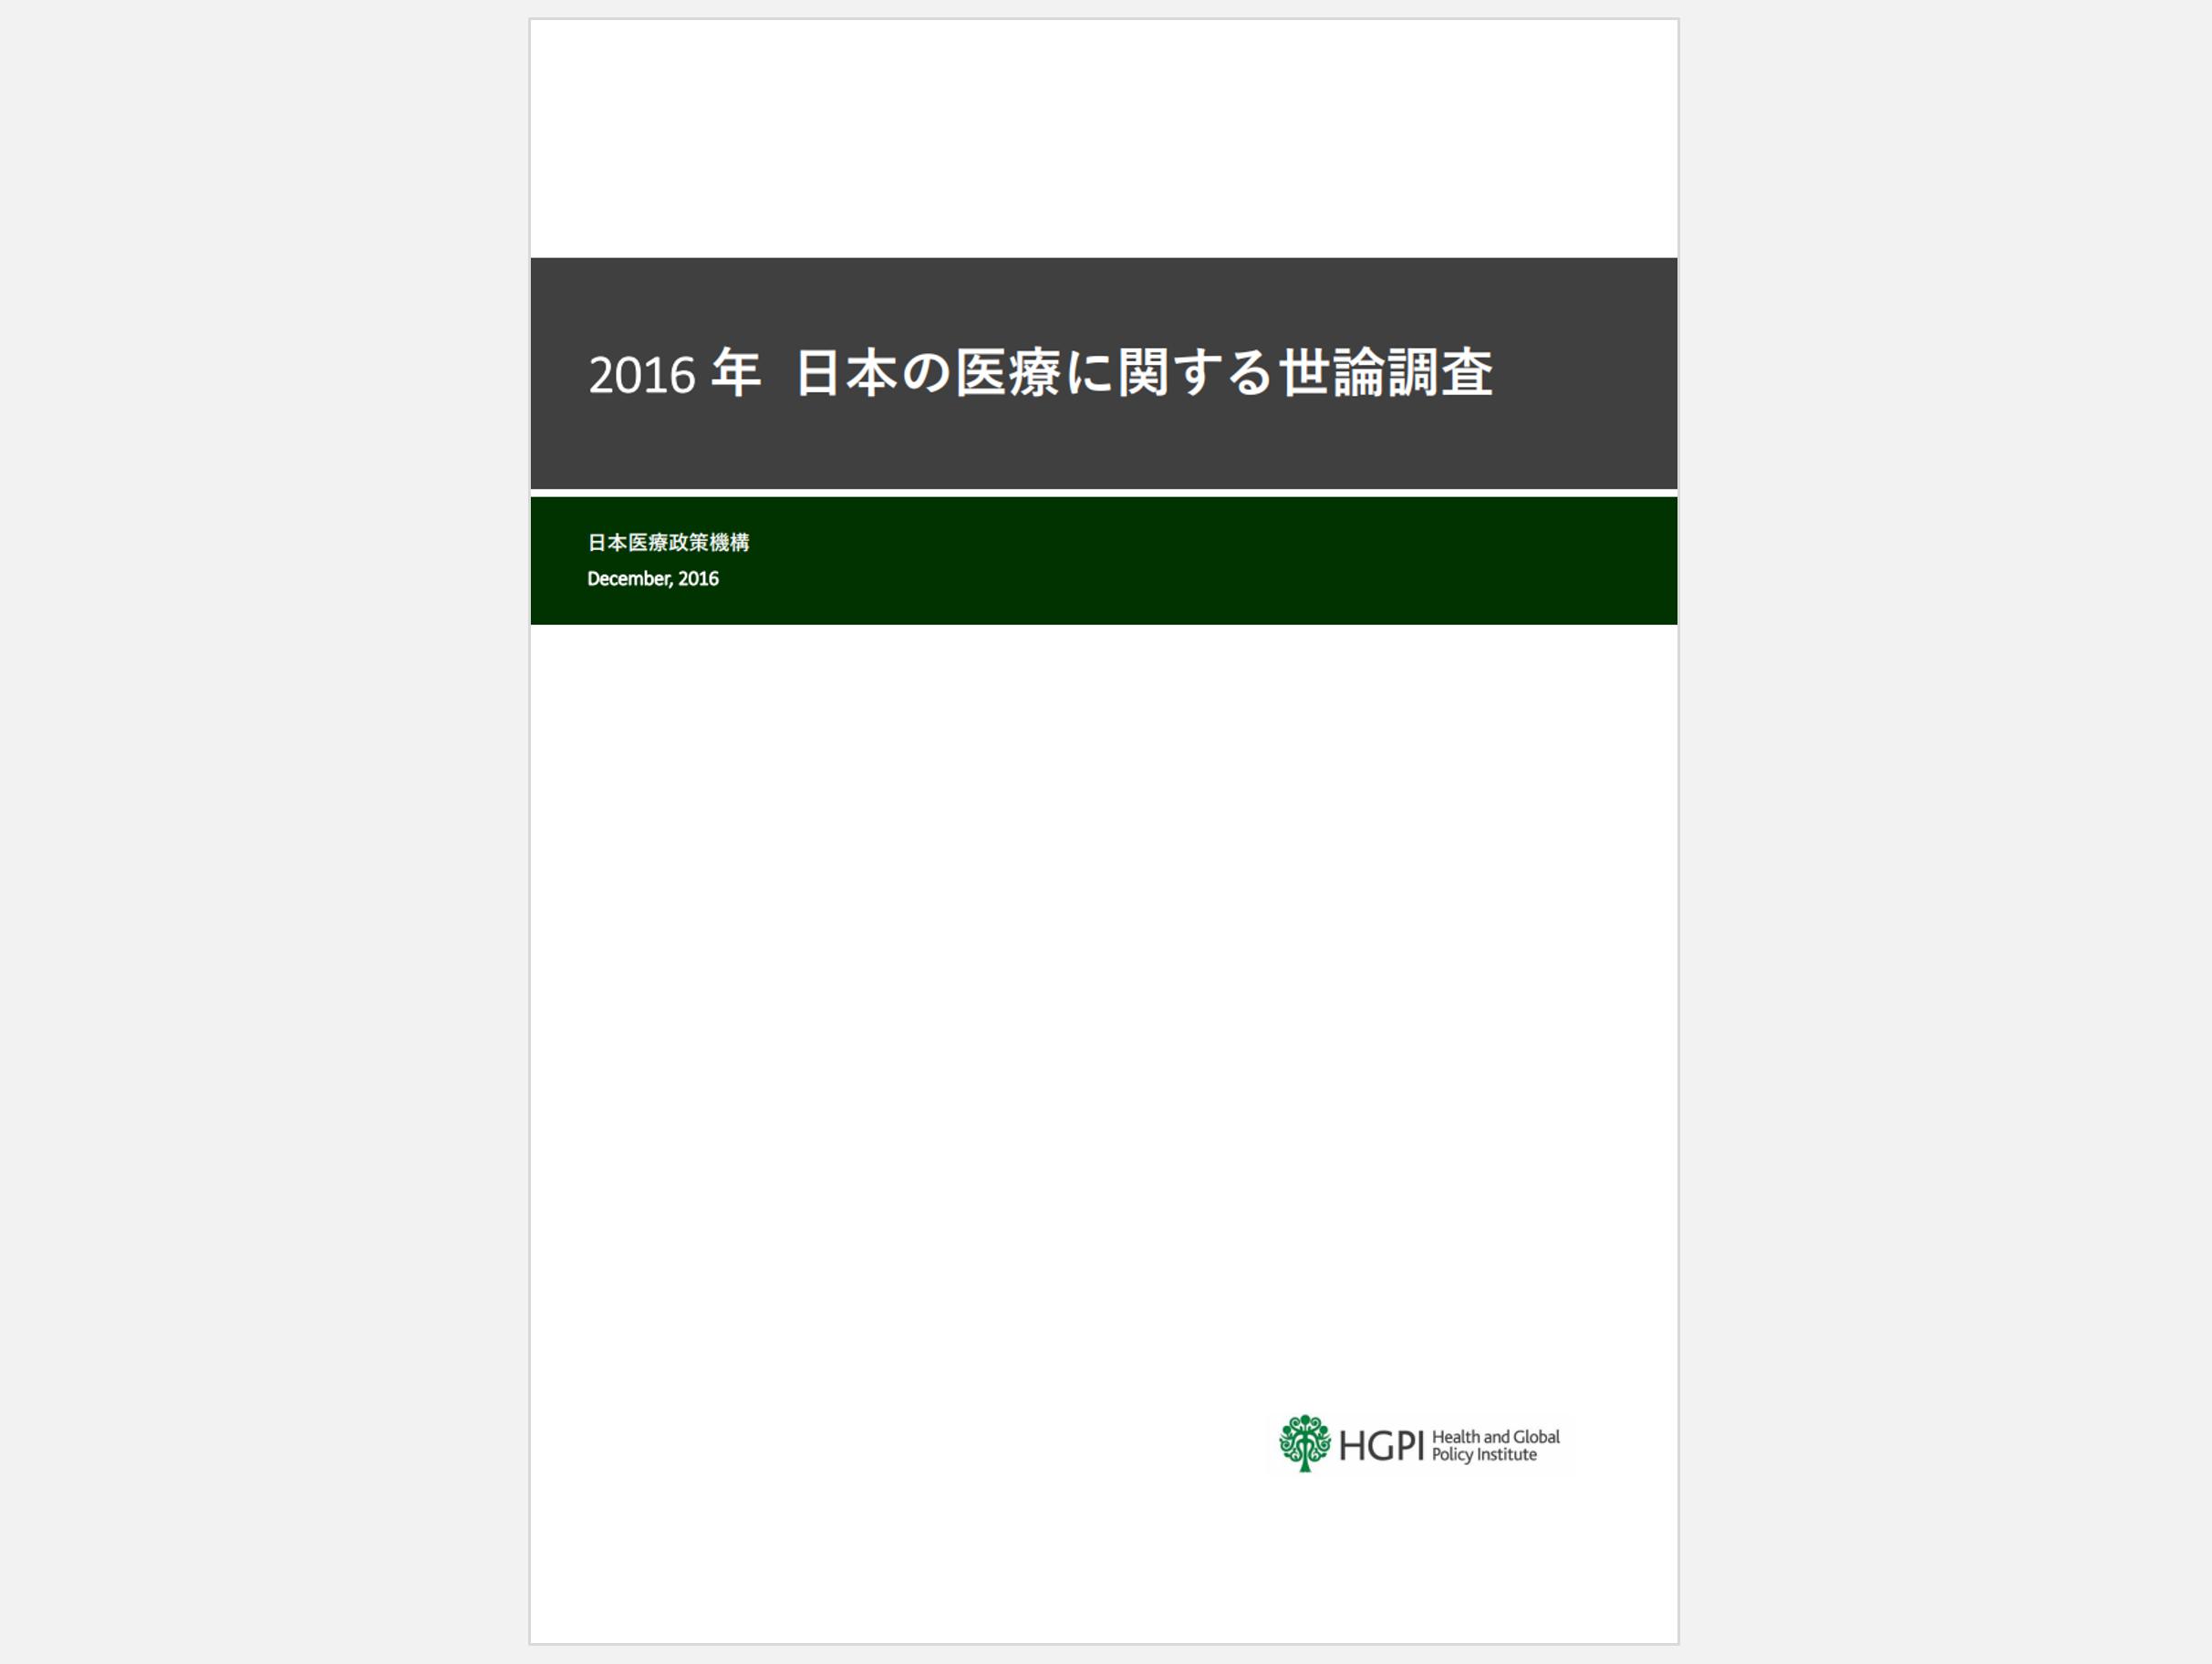 【調査報告】2016年 日本の医療に関する世論調査」